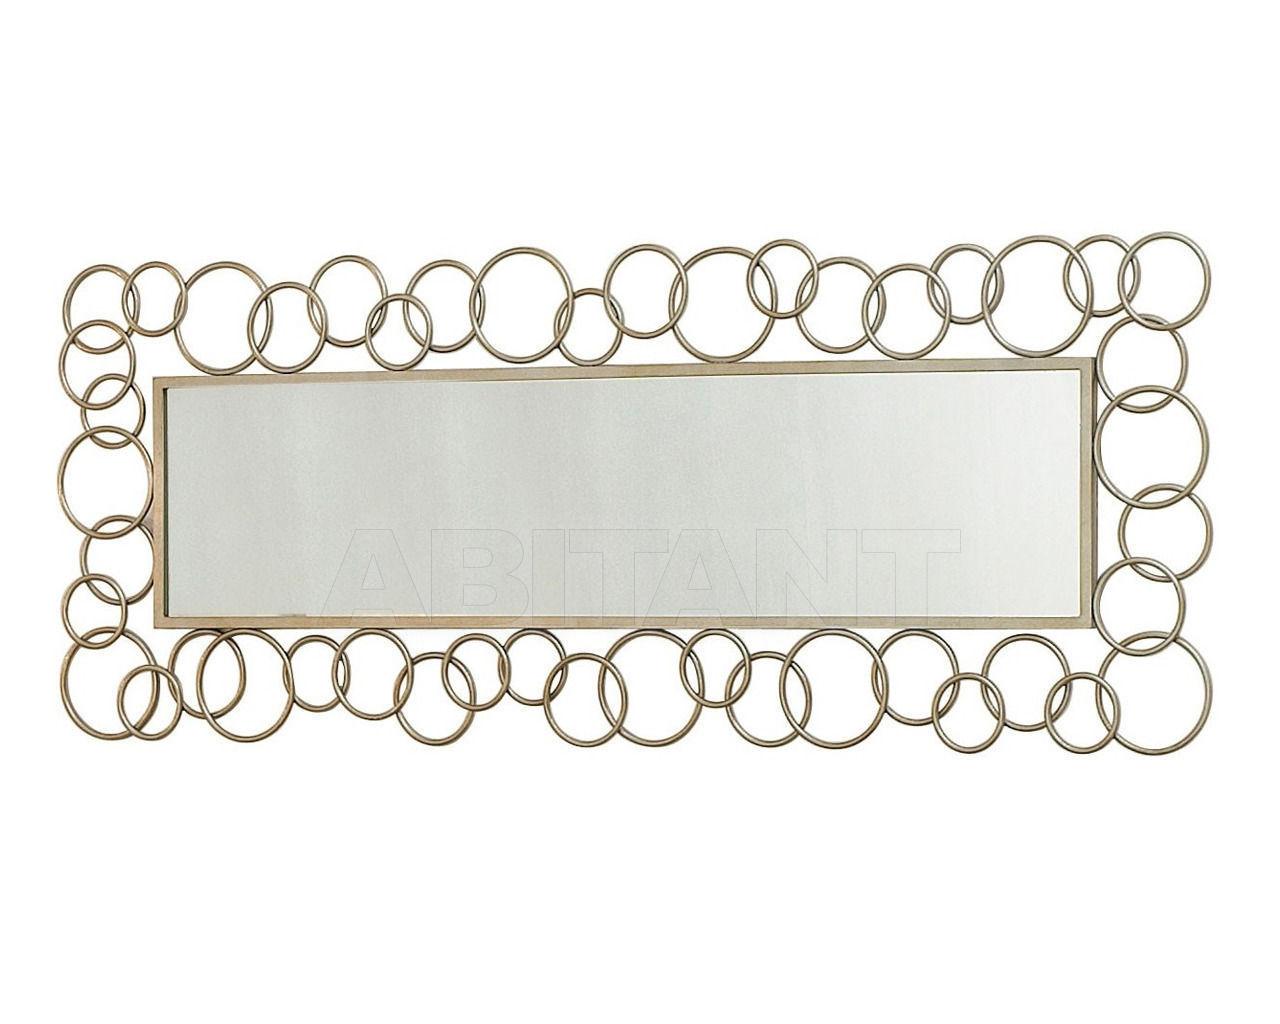 Купить Зеркало настенное Mondrian Cantori Classic 1822.2000.53.63.163